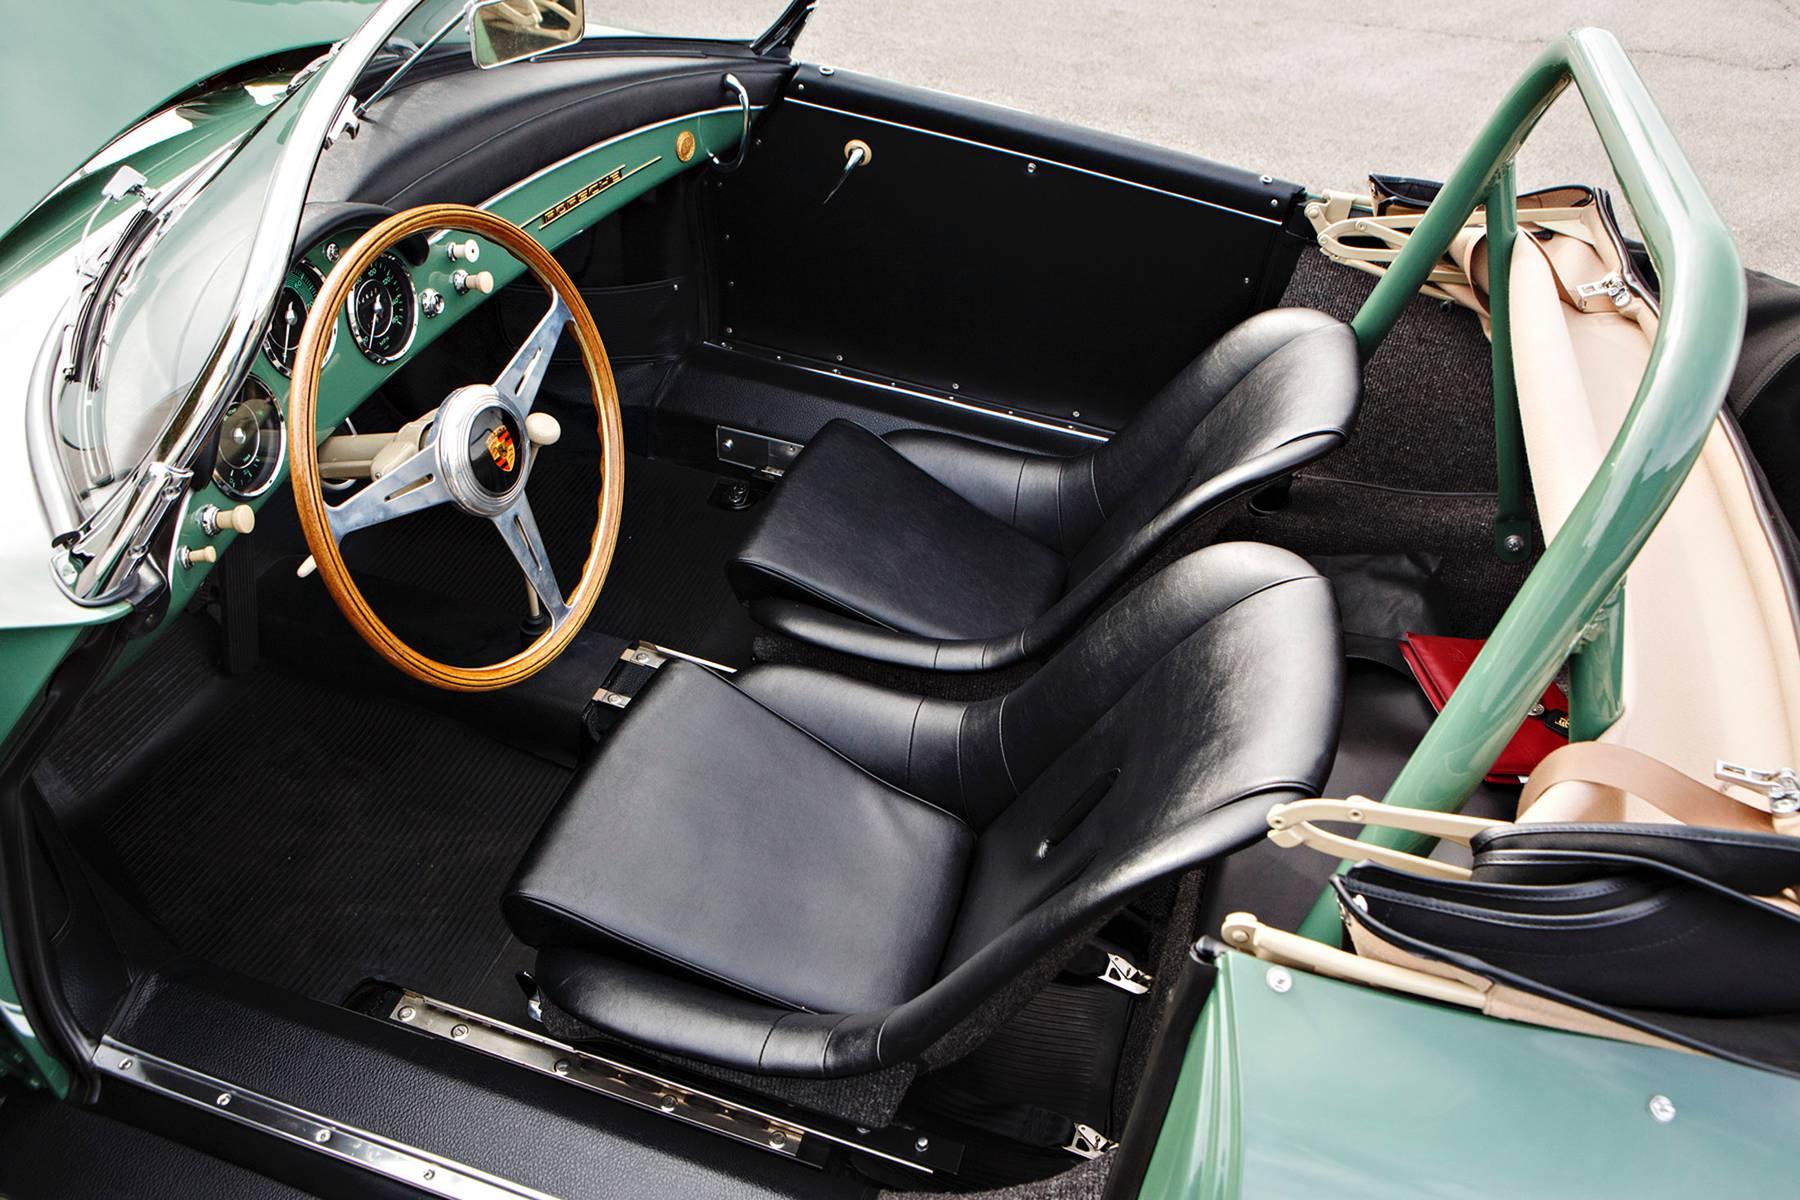 1958 Porsche 356 A 1500 GS/GT Carrera Speedster interior